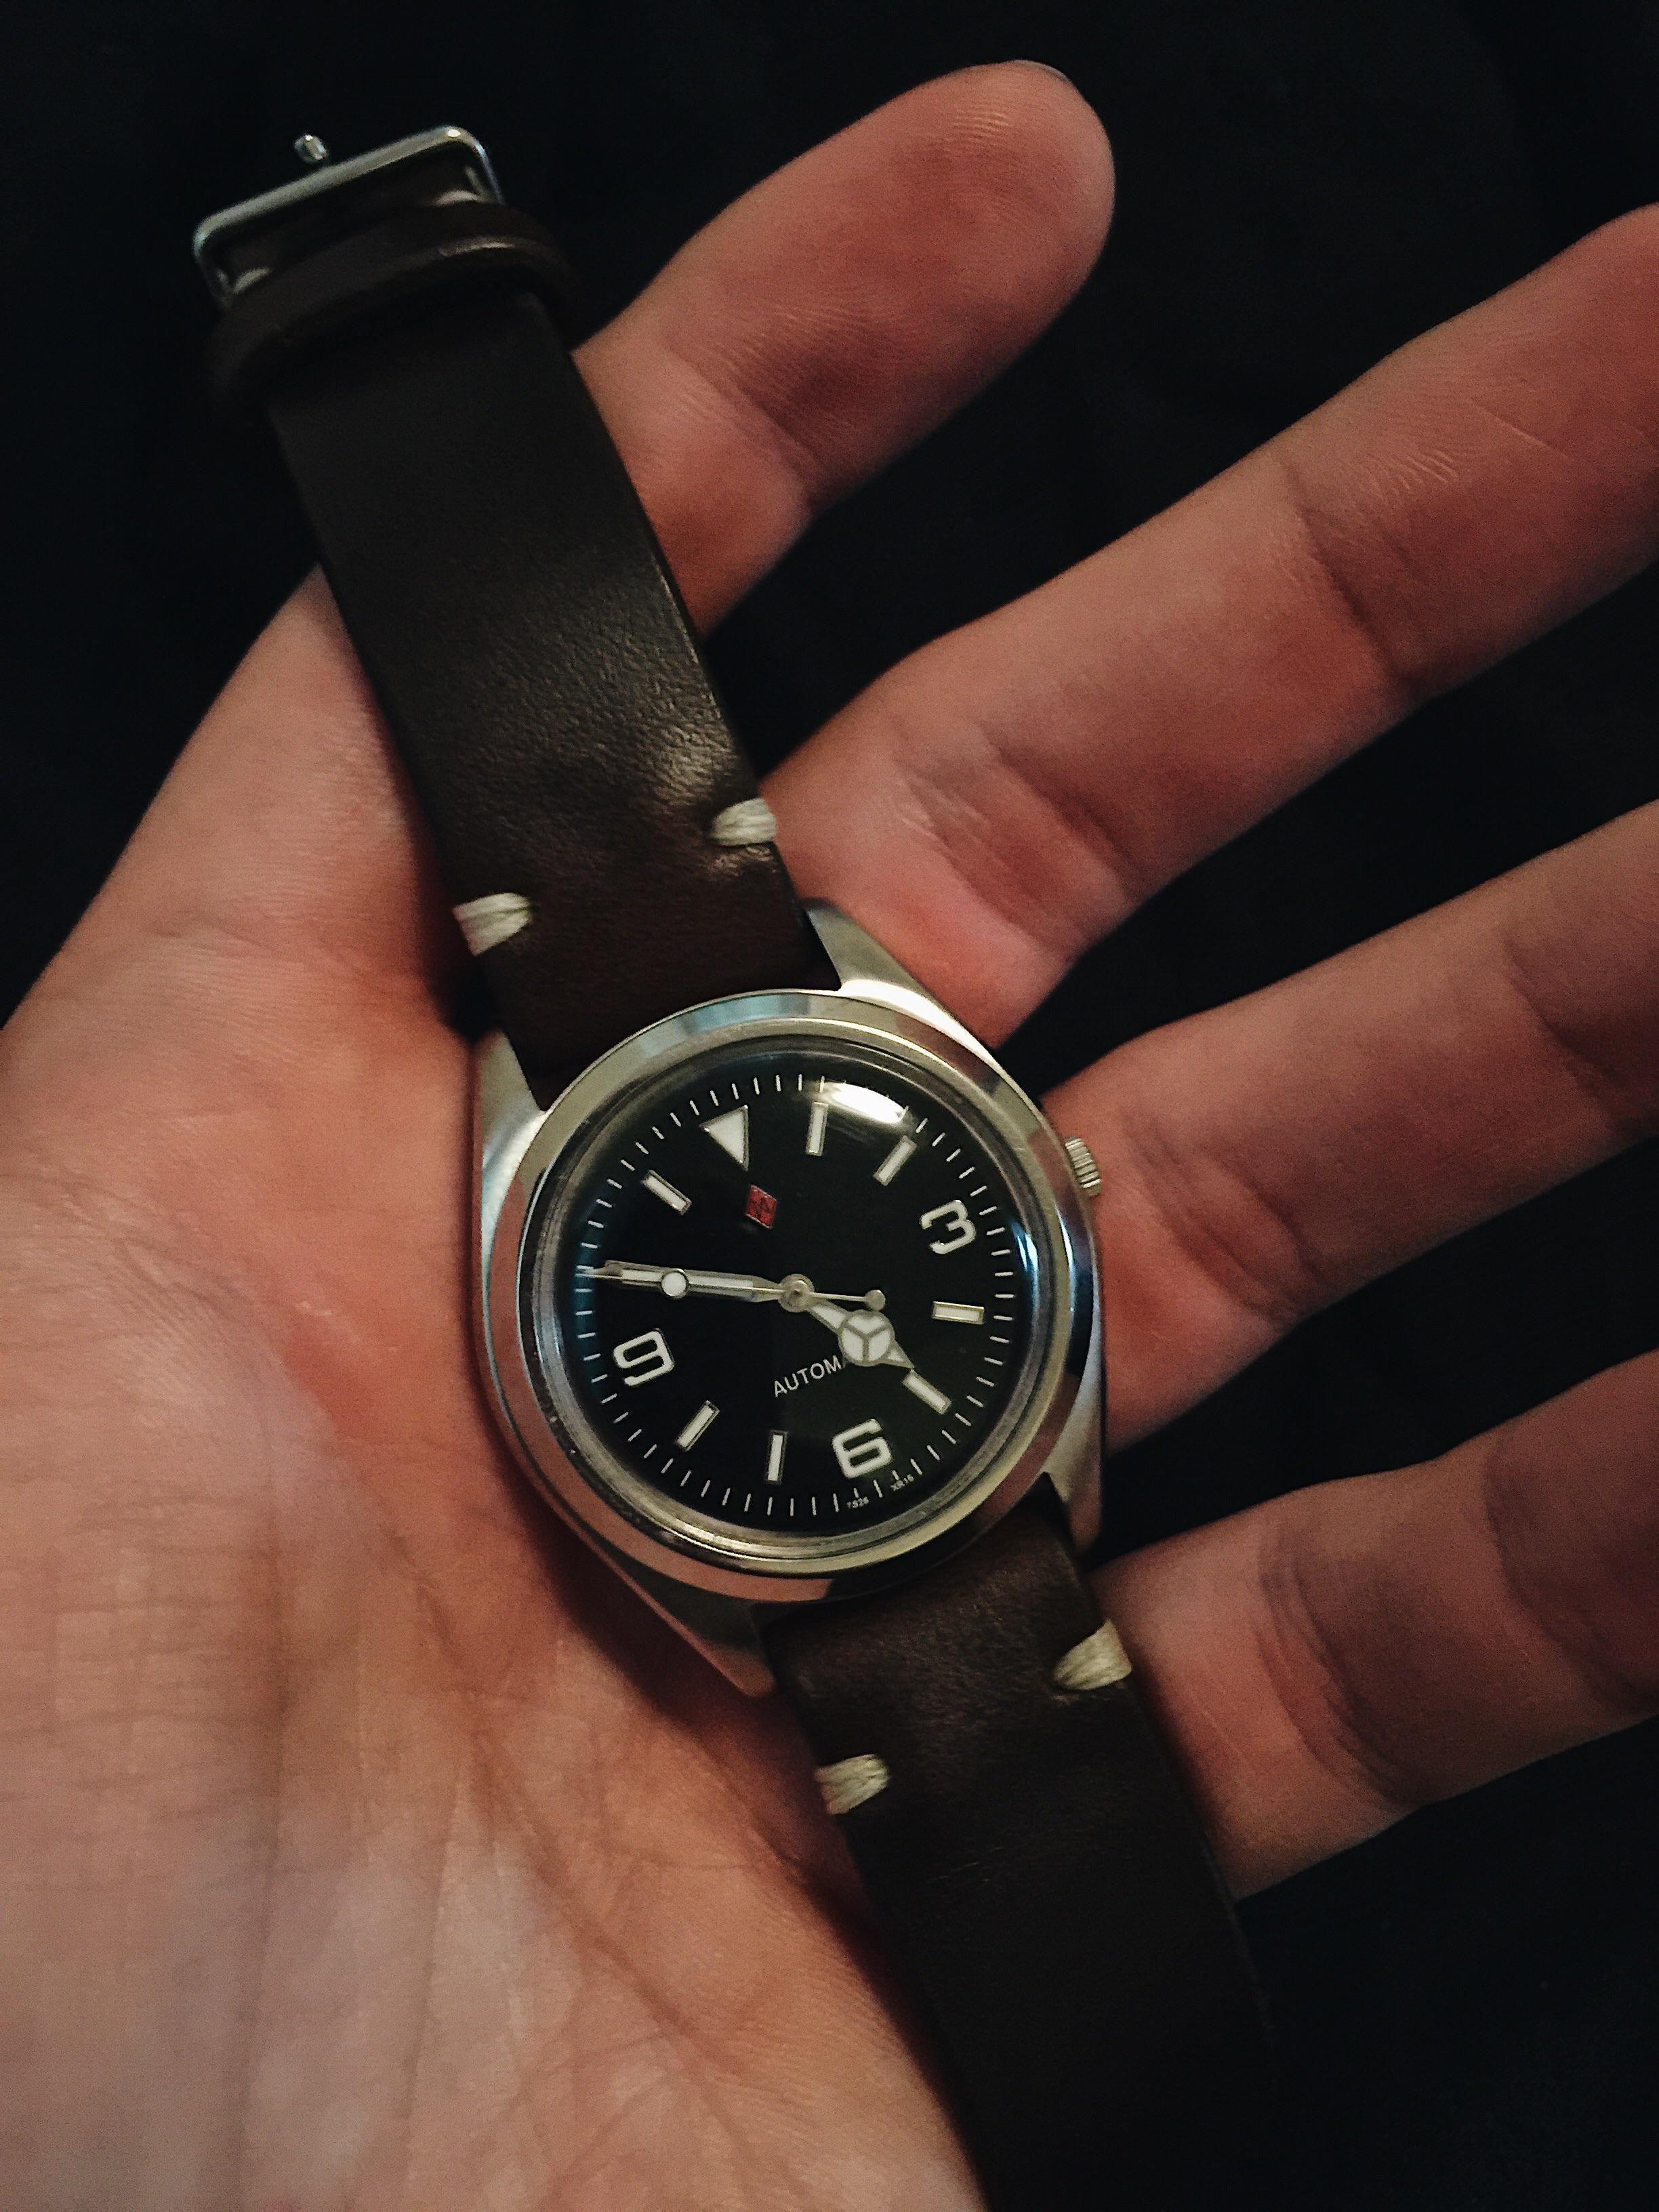 Seiko My Seiko Snx Explorer 1016 Will Be On My Wrist In 9 Days For My Wedding Seiko Watches Seiko Watches For Men